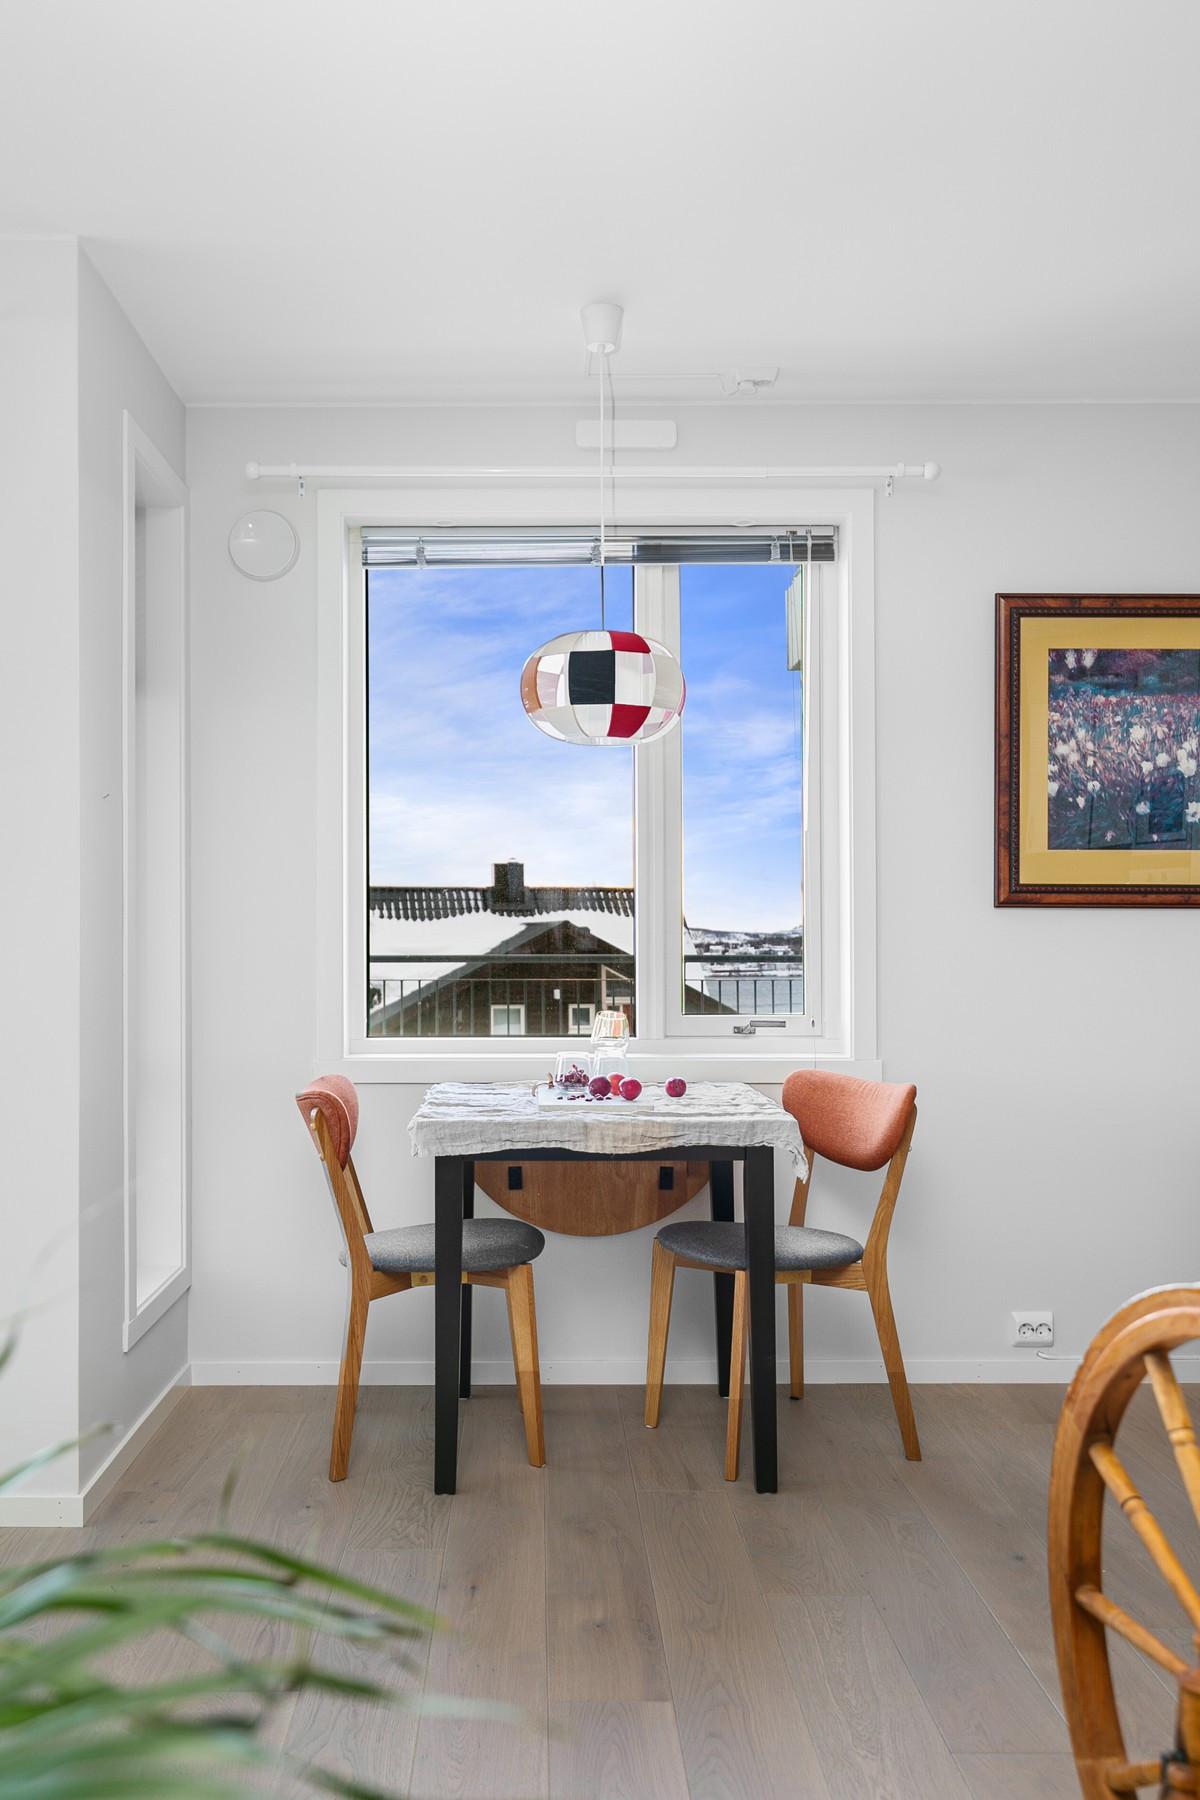 Det er fint mulig å ha et kjøkkenbord ved vindu - Her kan den flotte utsikten nytes til dagens første kaffekopp